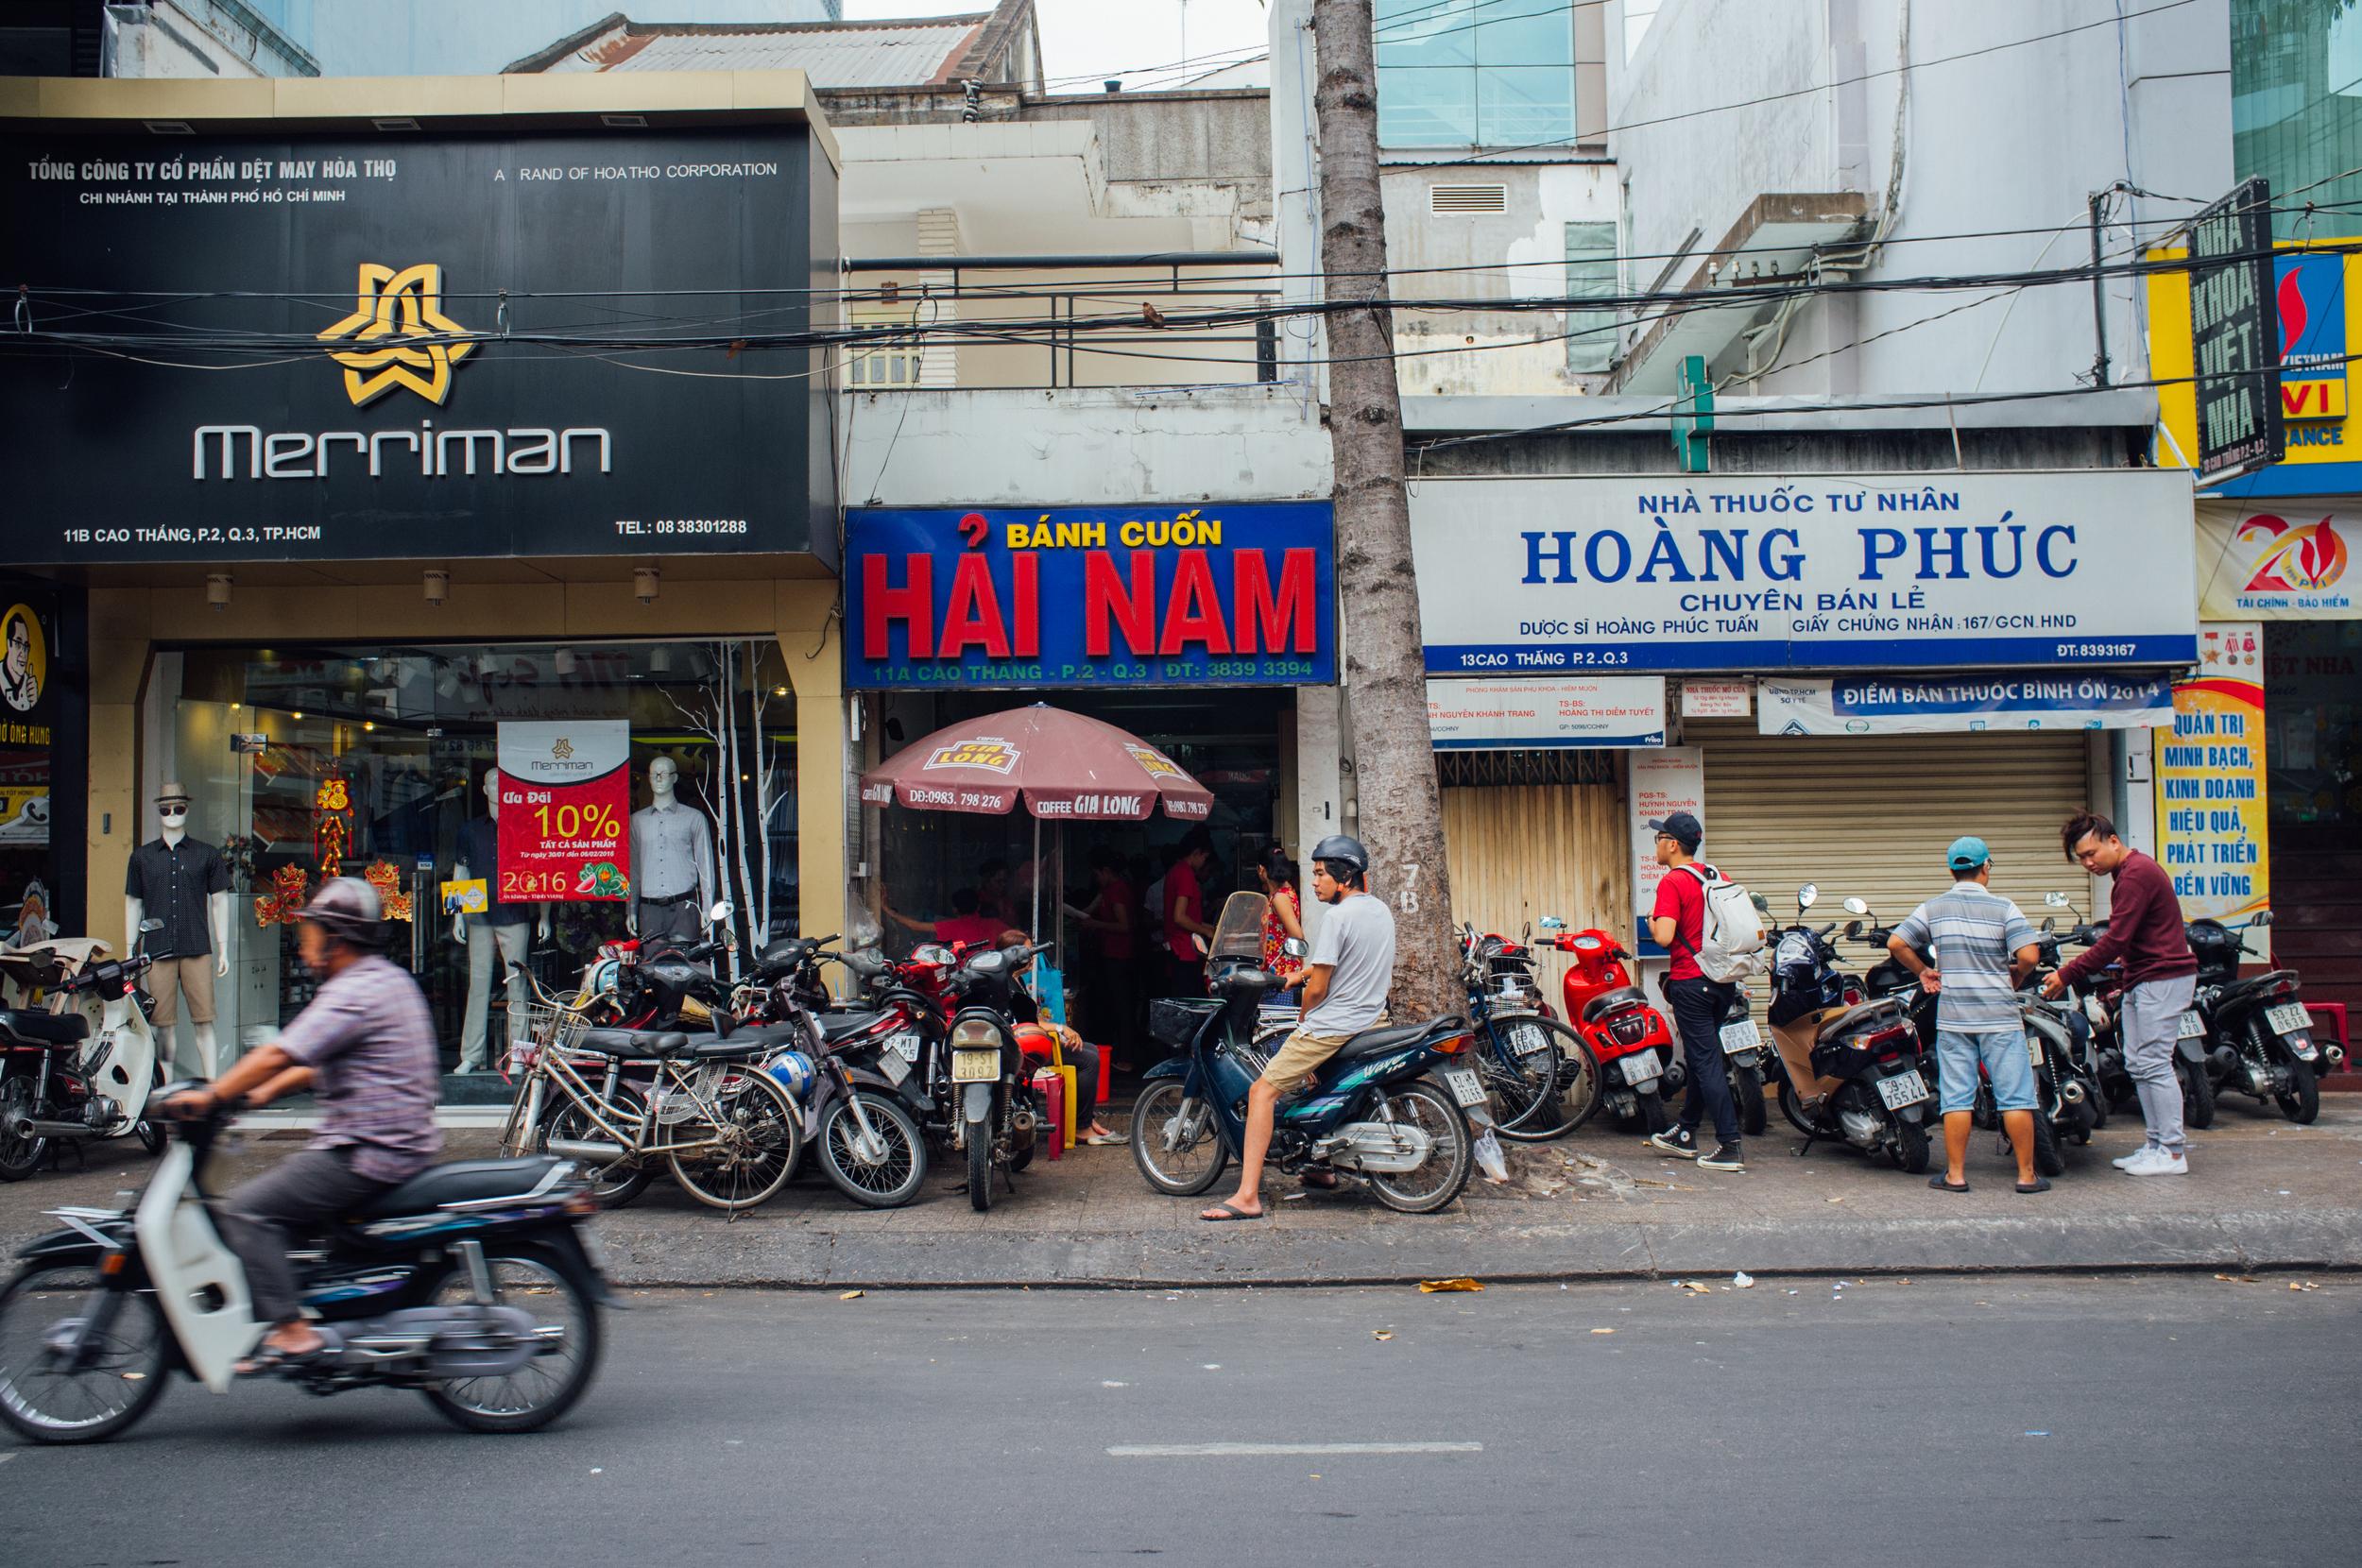 Bánh Cuốn Hải Nam